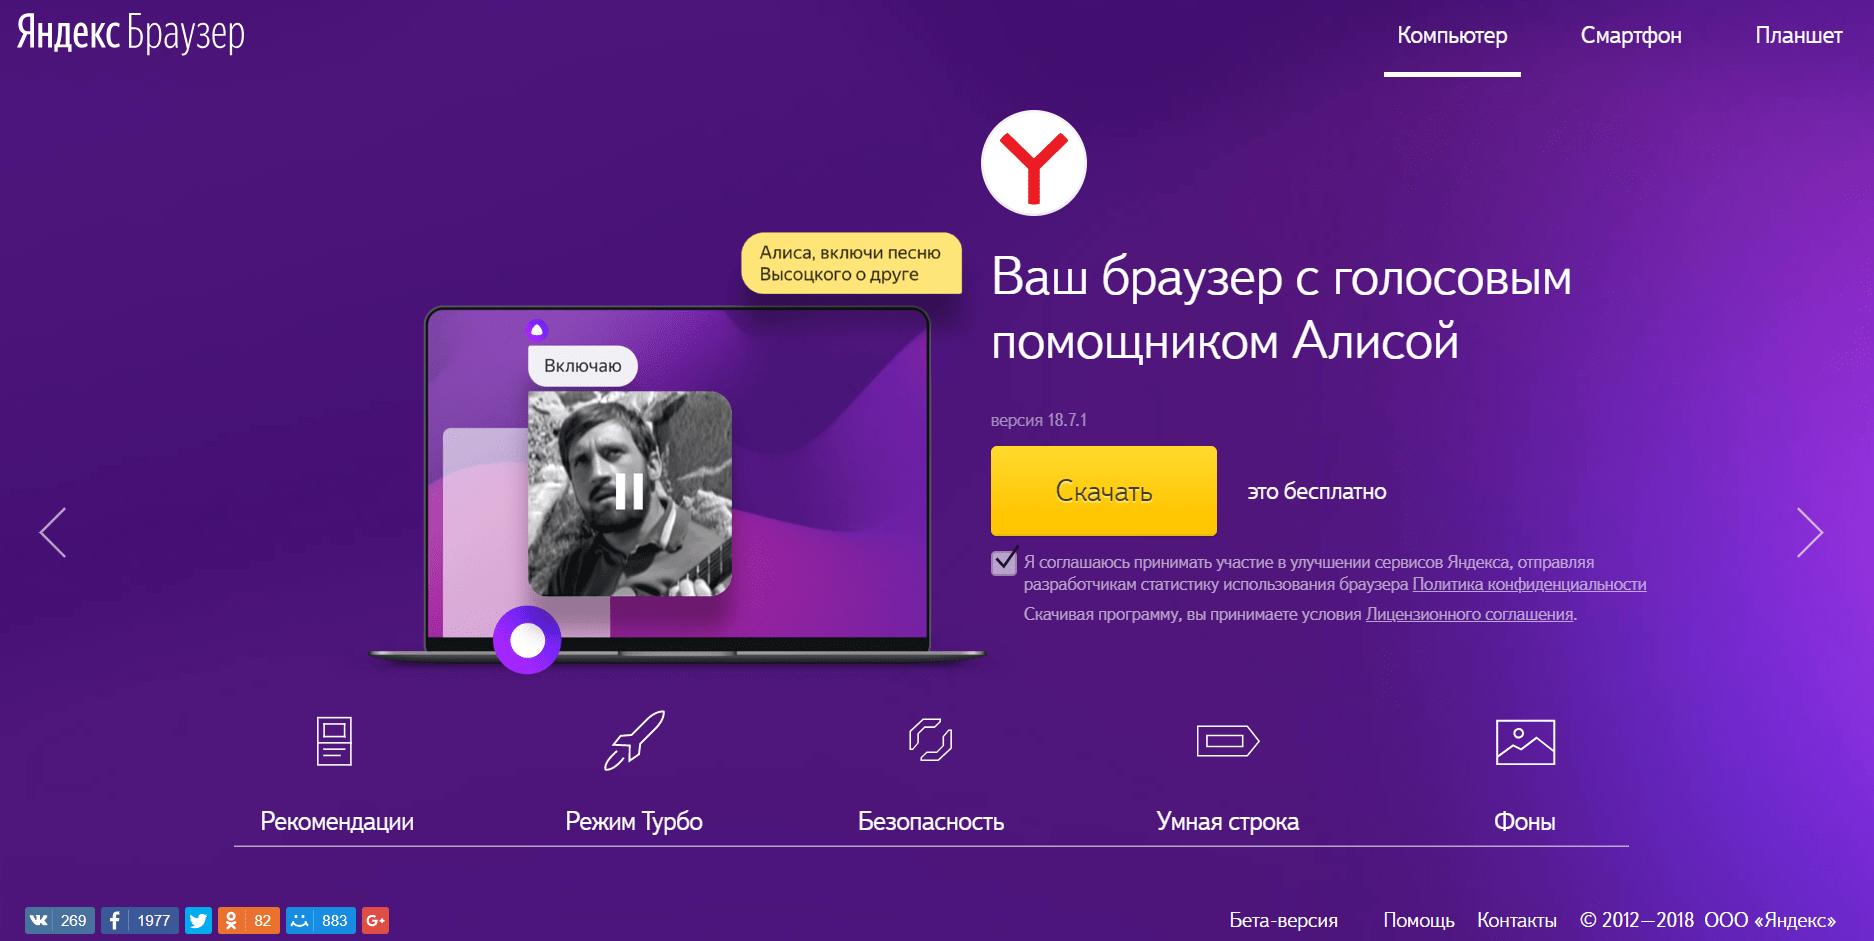 Яндекс браузер официальный сайт